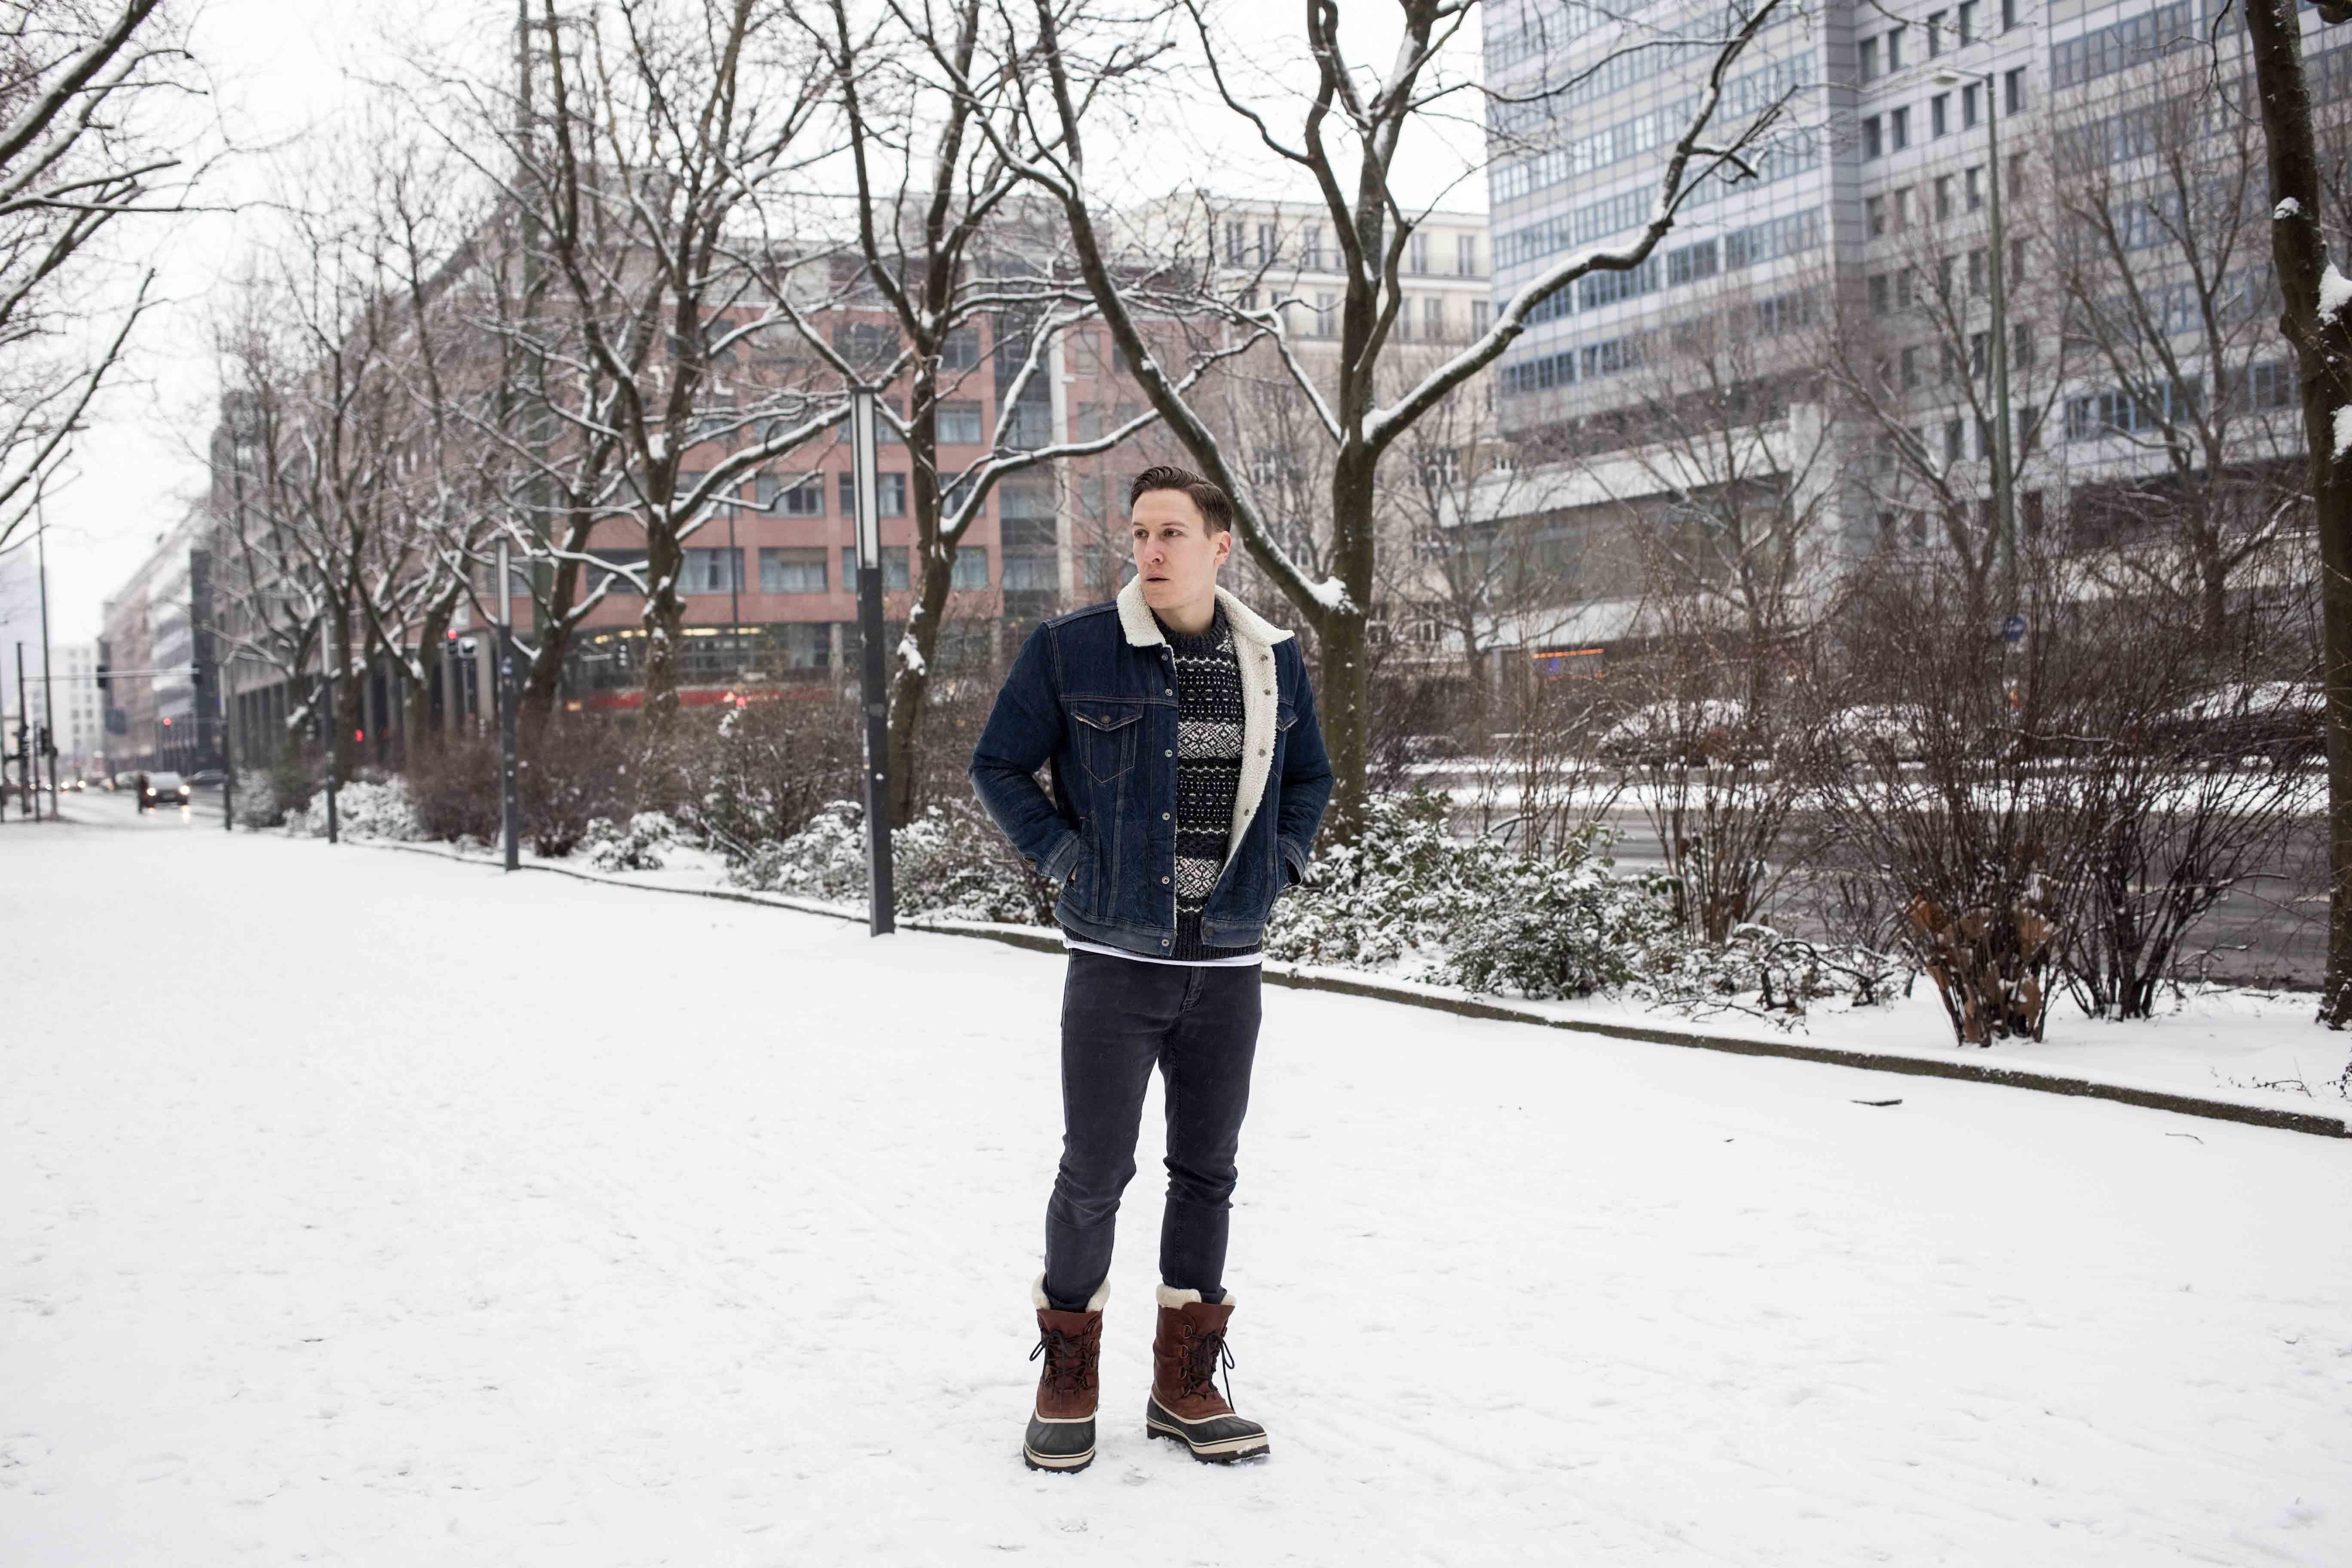 denim-sherpa-jacke-gefütterte-winterstiefel-norweger-pulli_8237